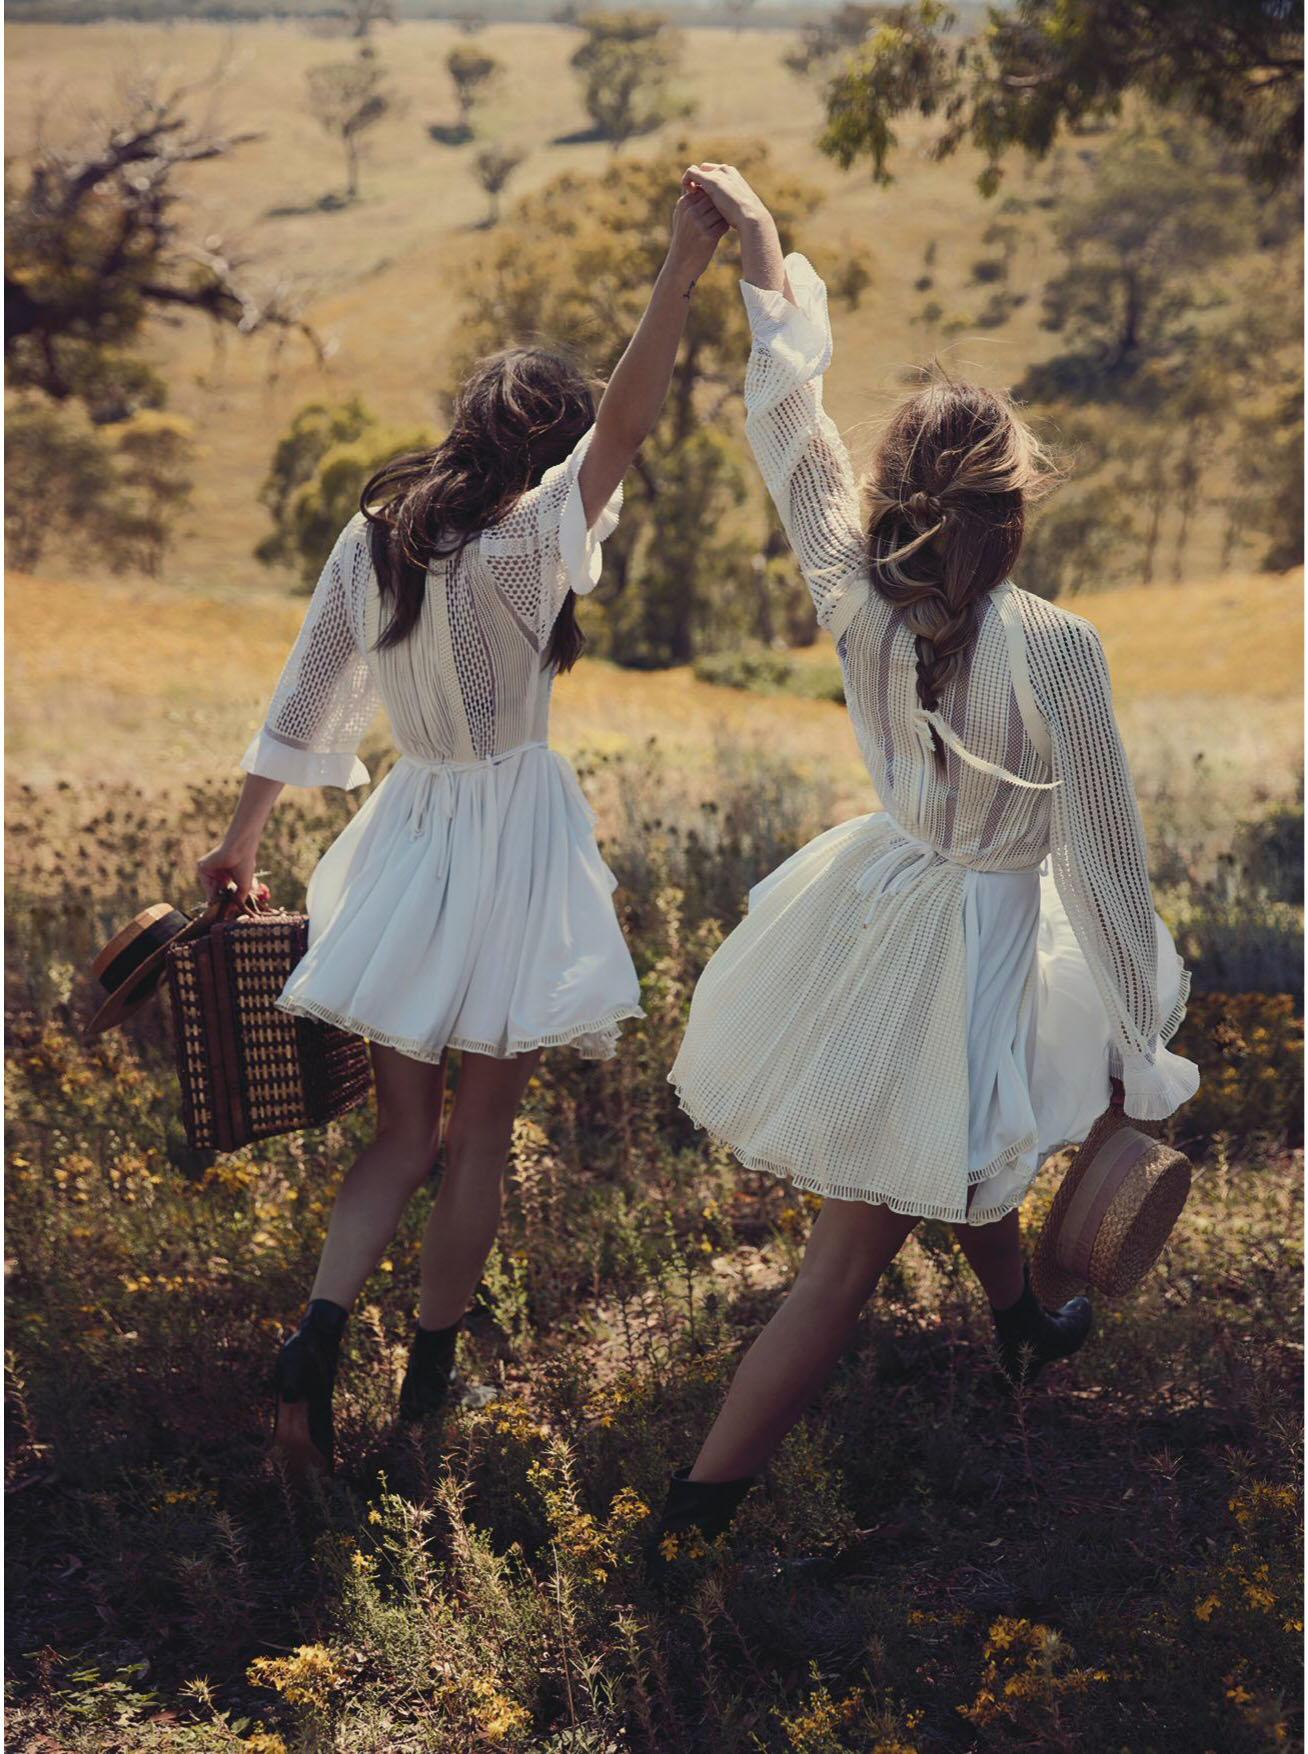 8f1e36dd375ae89ee19eb1cd1e6d1d25--vogue-australia-fashion-editorials.jpg